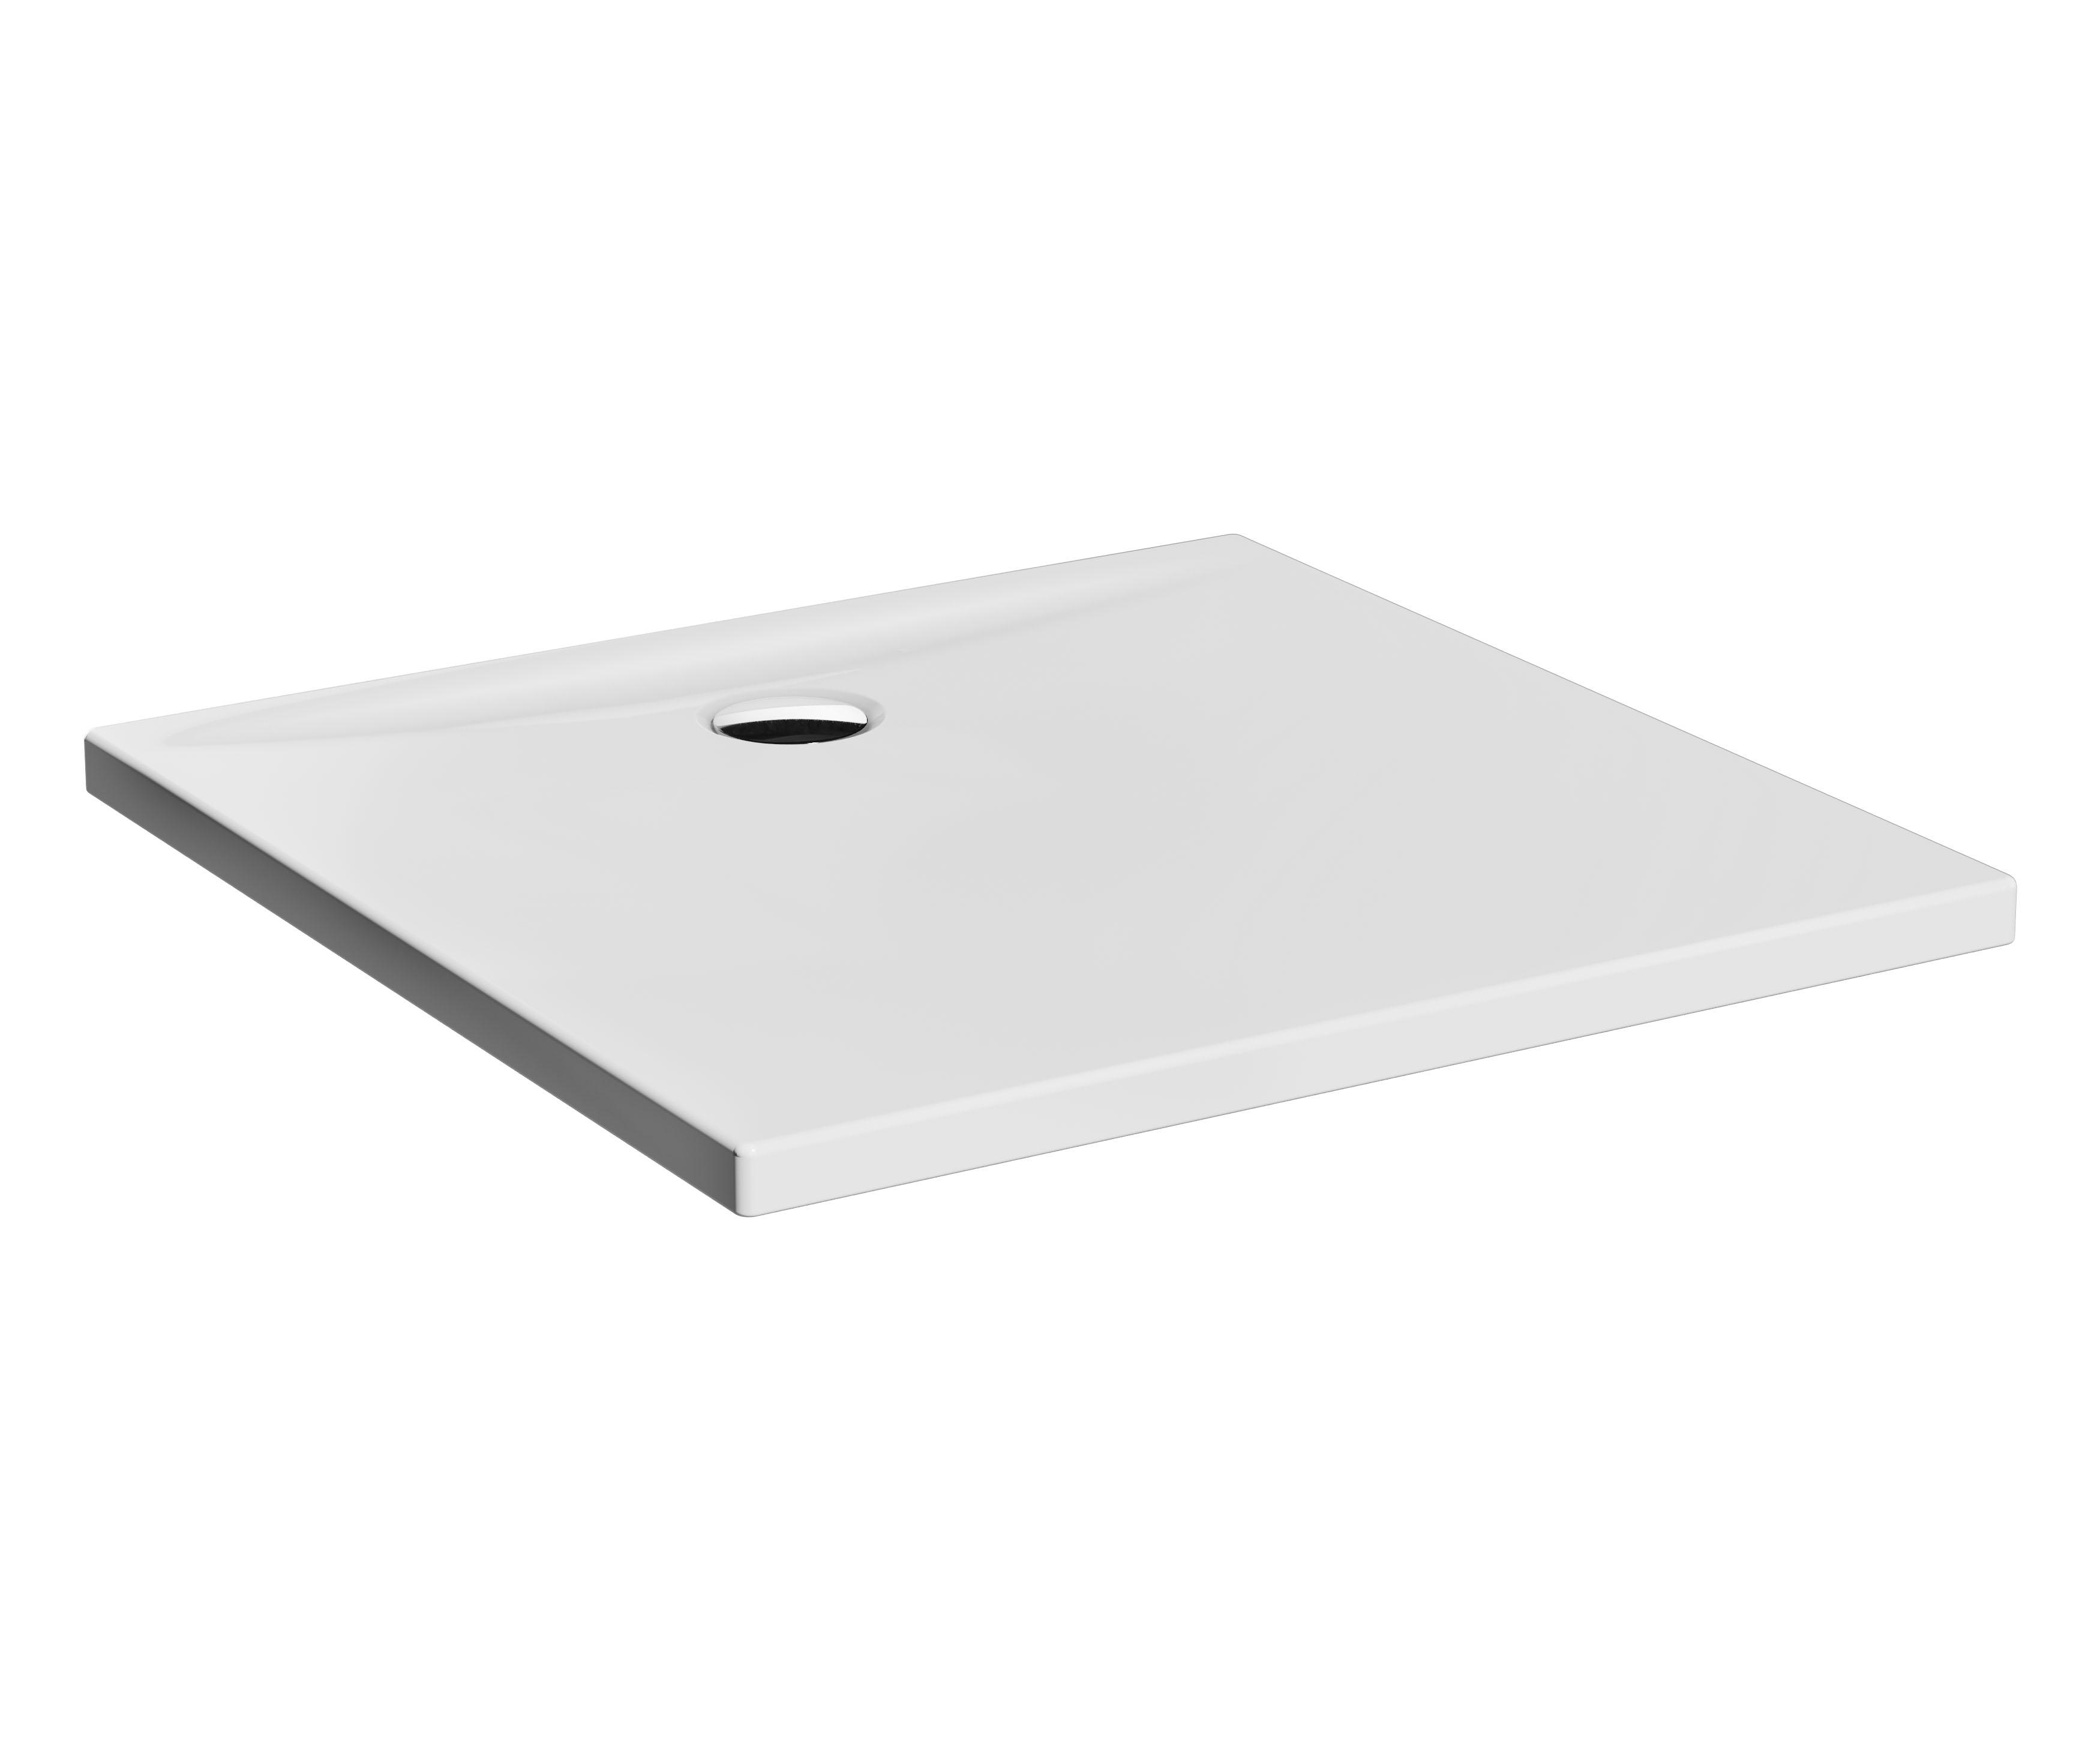 Lagoon receveur ultra plat en céramique, 90 cm, carré, blanc